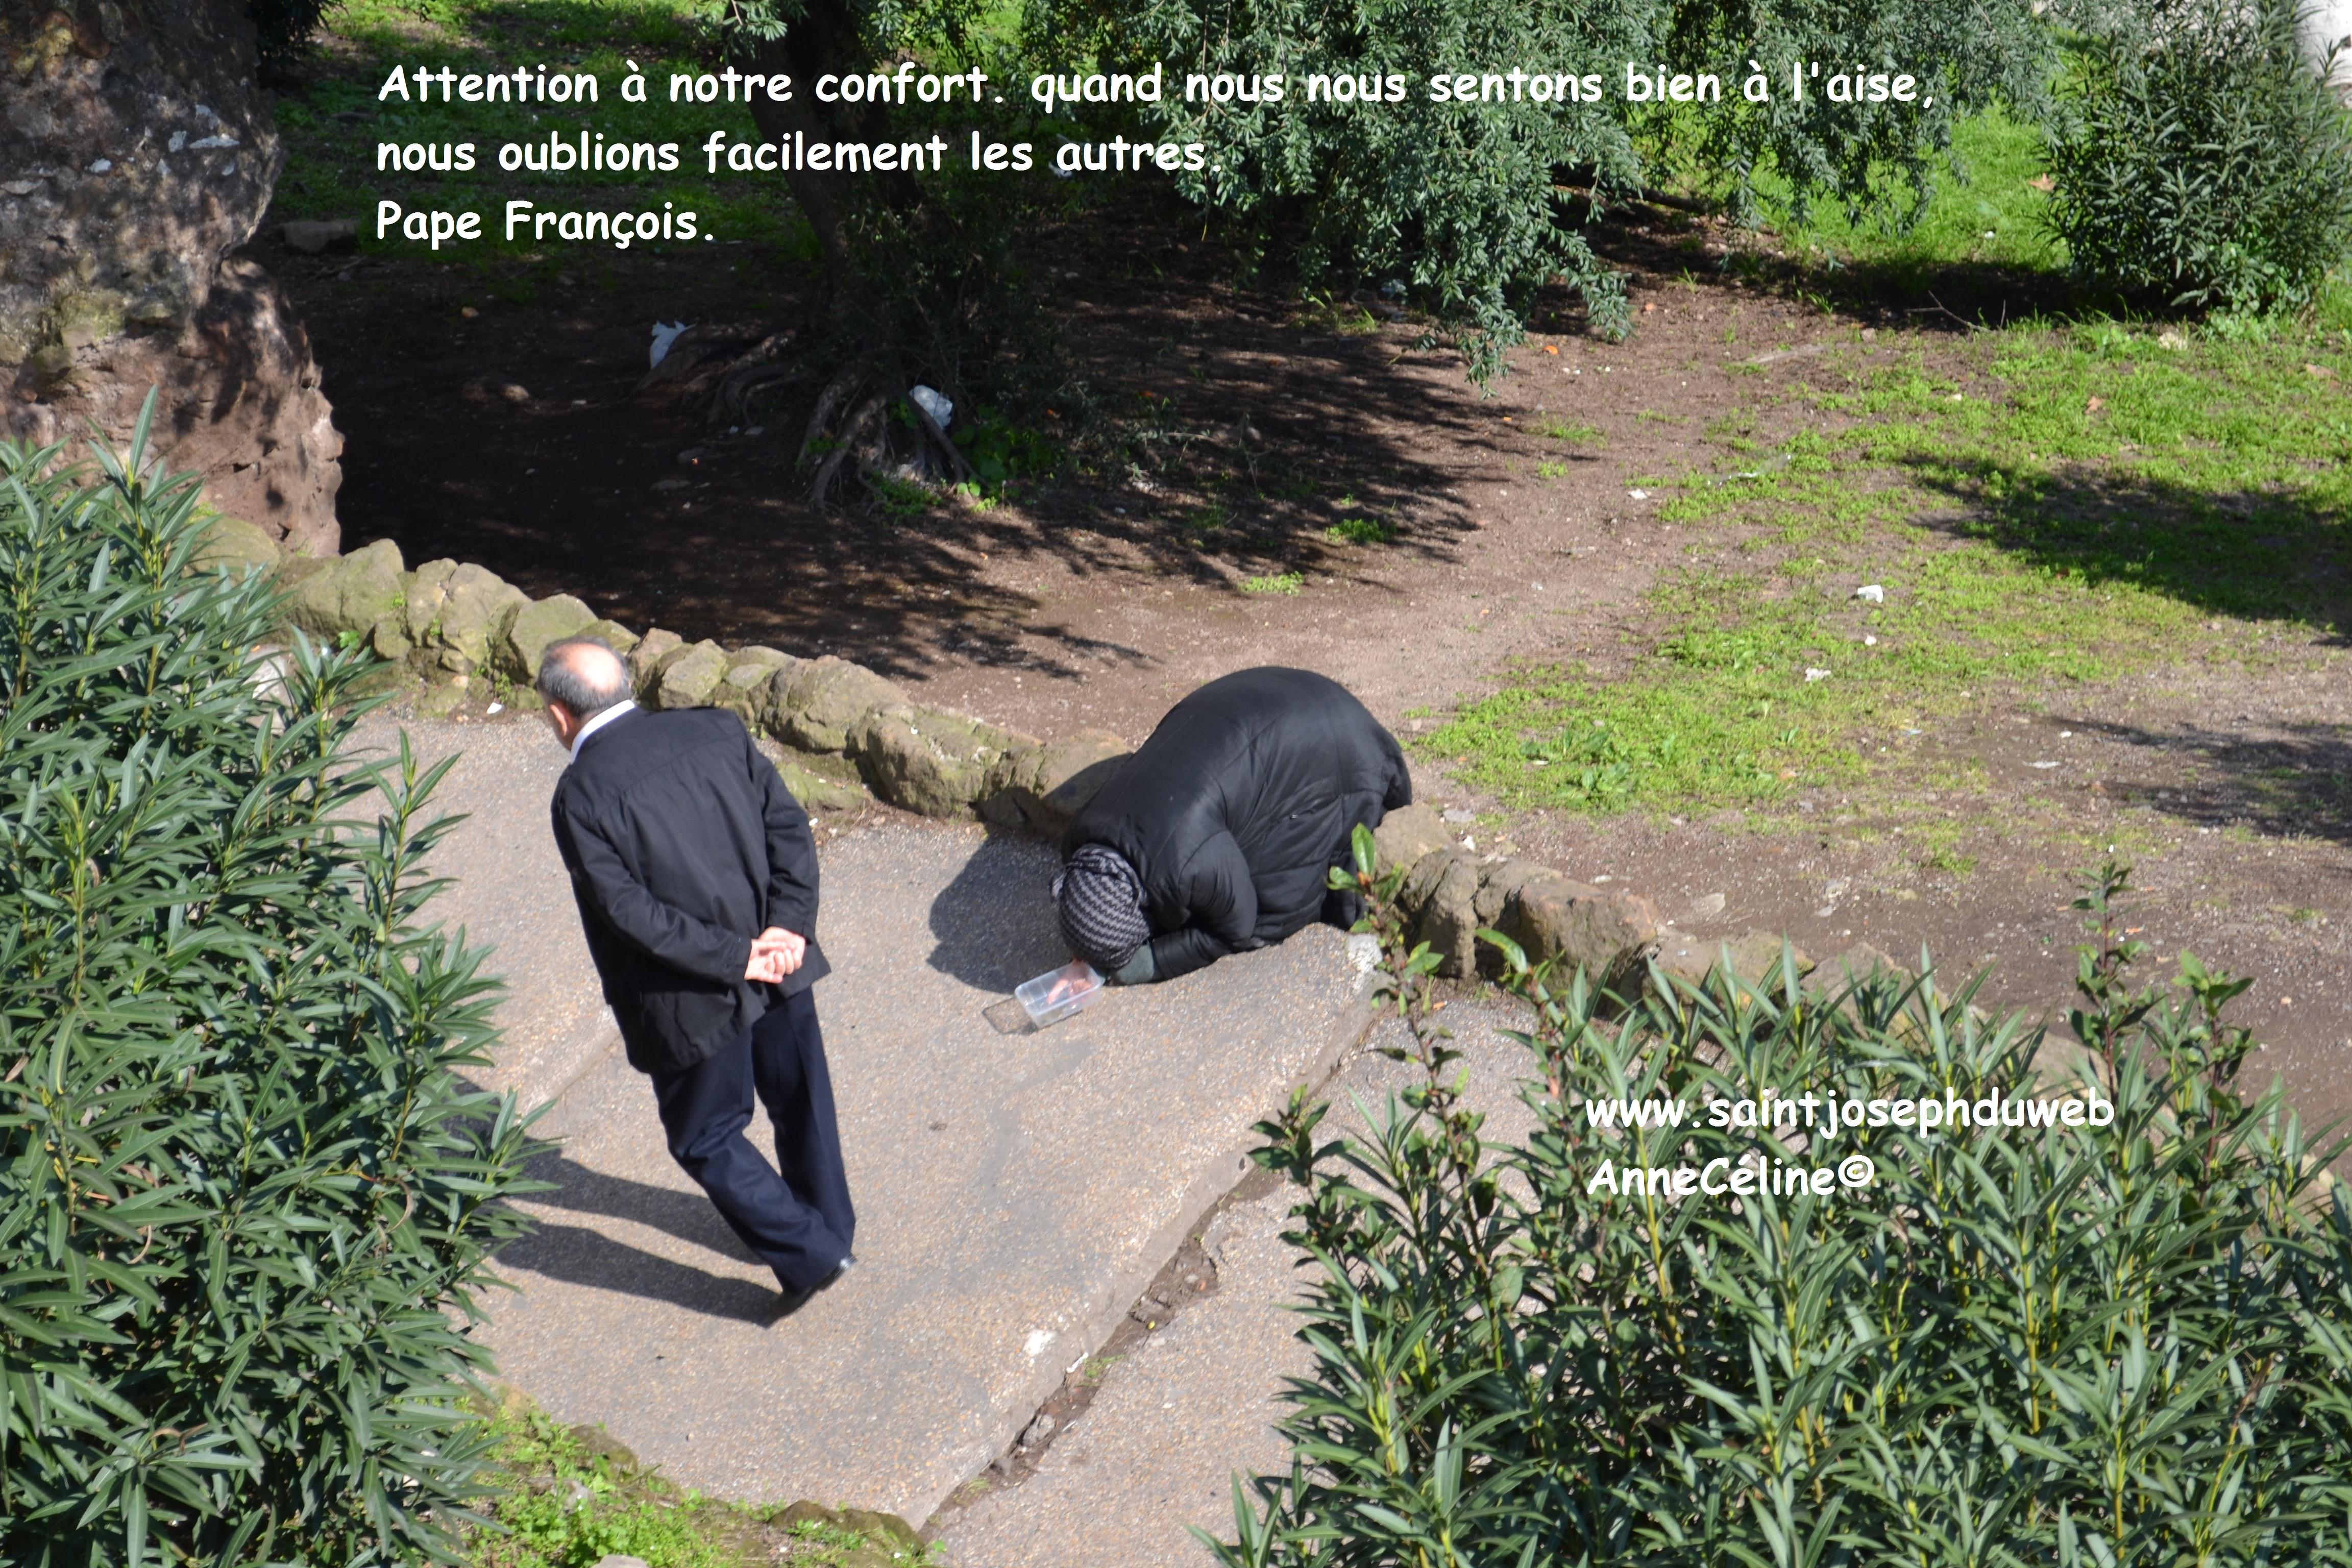 Attention à notre confort....Pape François. Images pour commencer à préparer le carême.